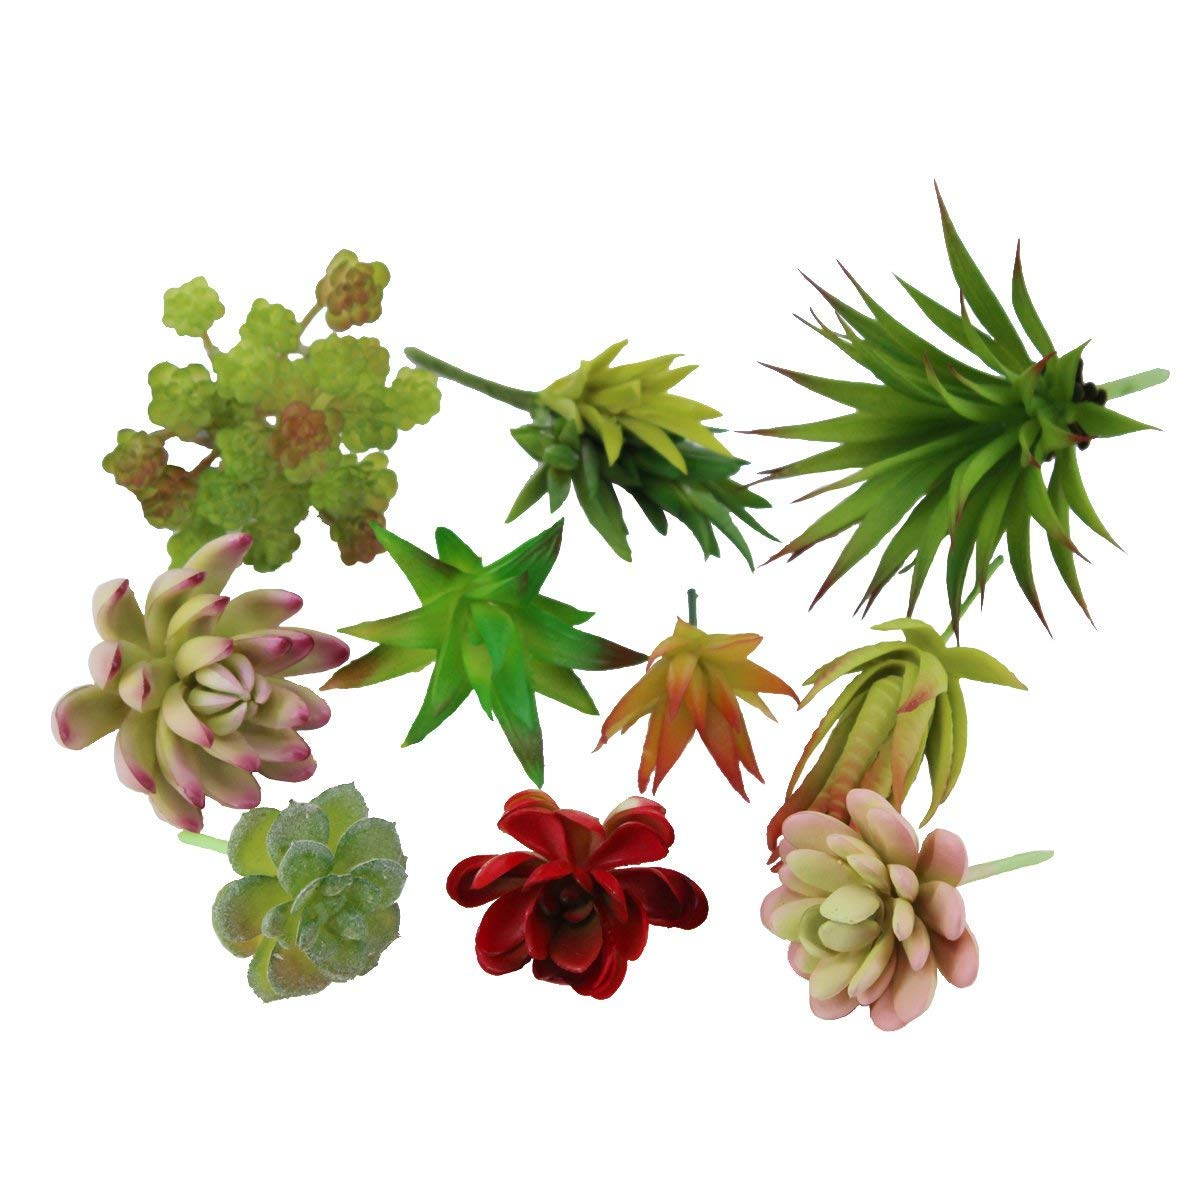 Biowow 10個入り 多種多様なサイズの多肉植物 エチェベリアの瑪瑙 フローラルアレンジメント B07GB3YKYM